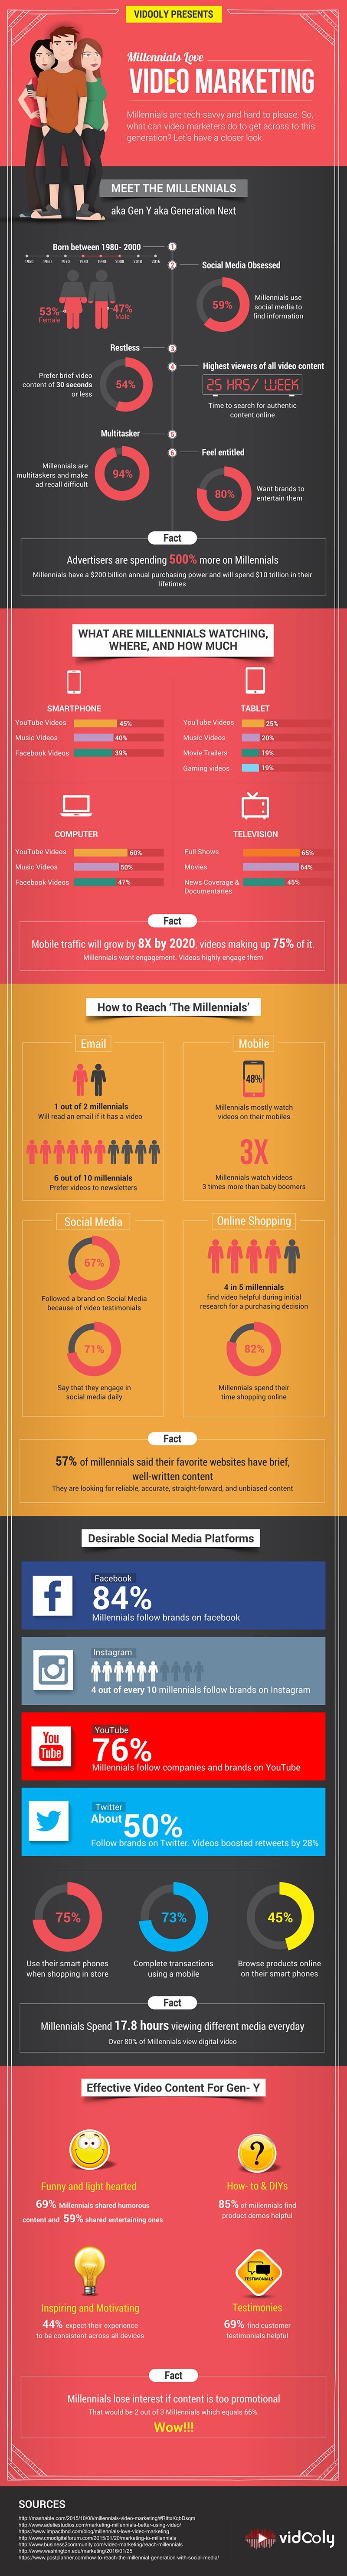 Millennials Love Video Marketing - An Infographic from Vidooly